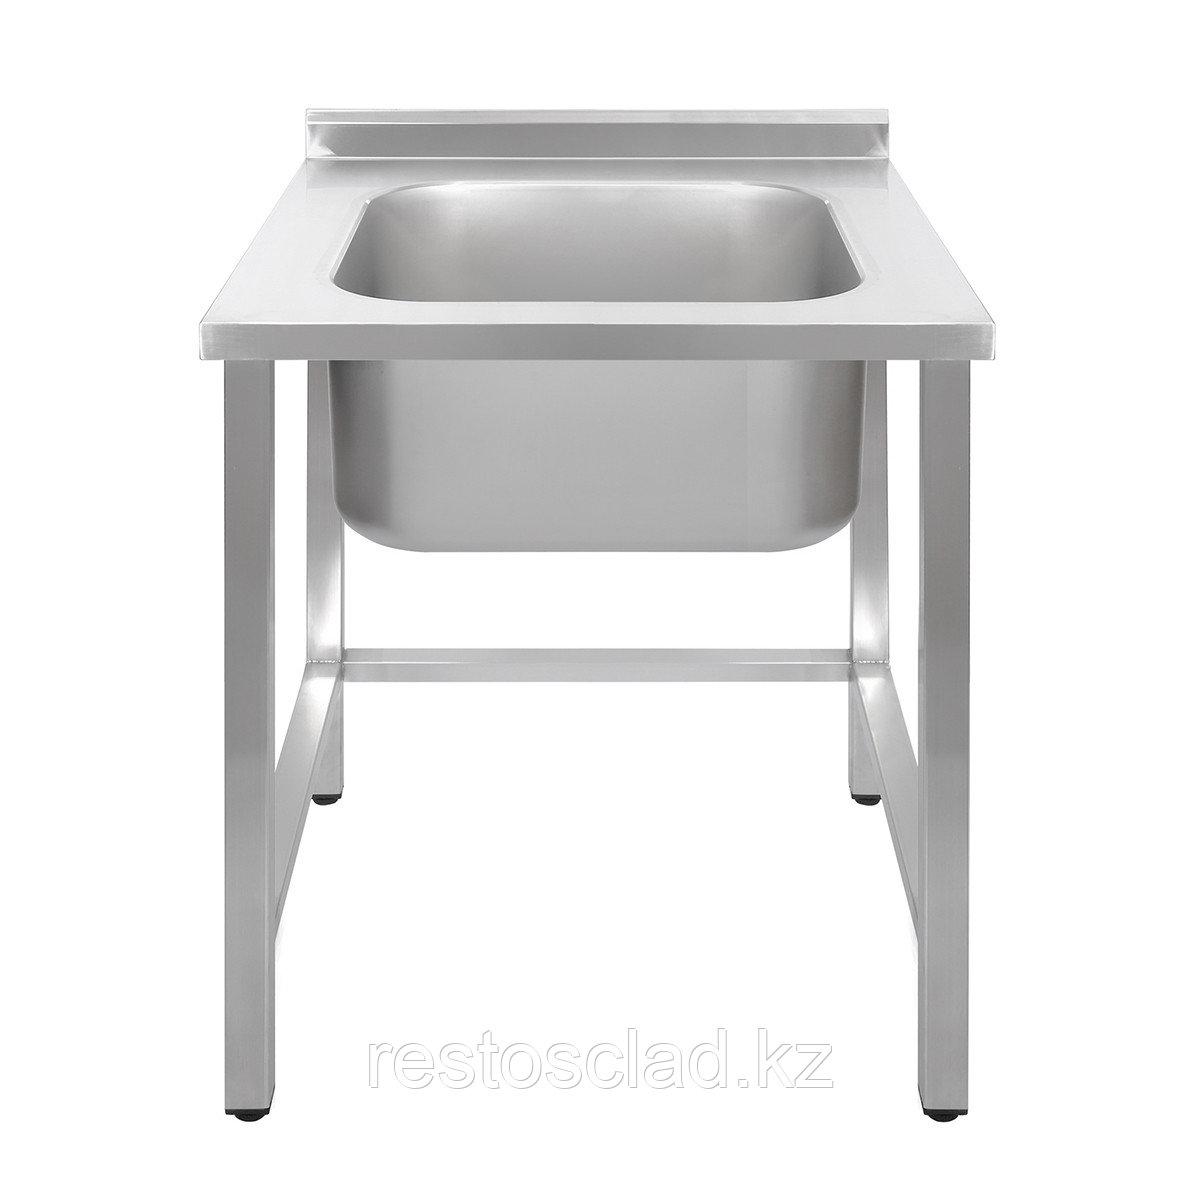 Ванна моечная односекционная Luxstahl ВМ1 6/6/8.5 (0.8) без фартука